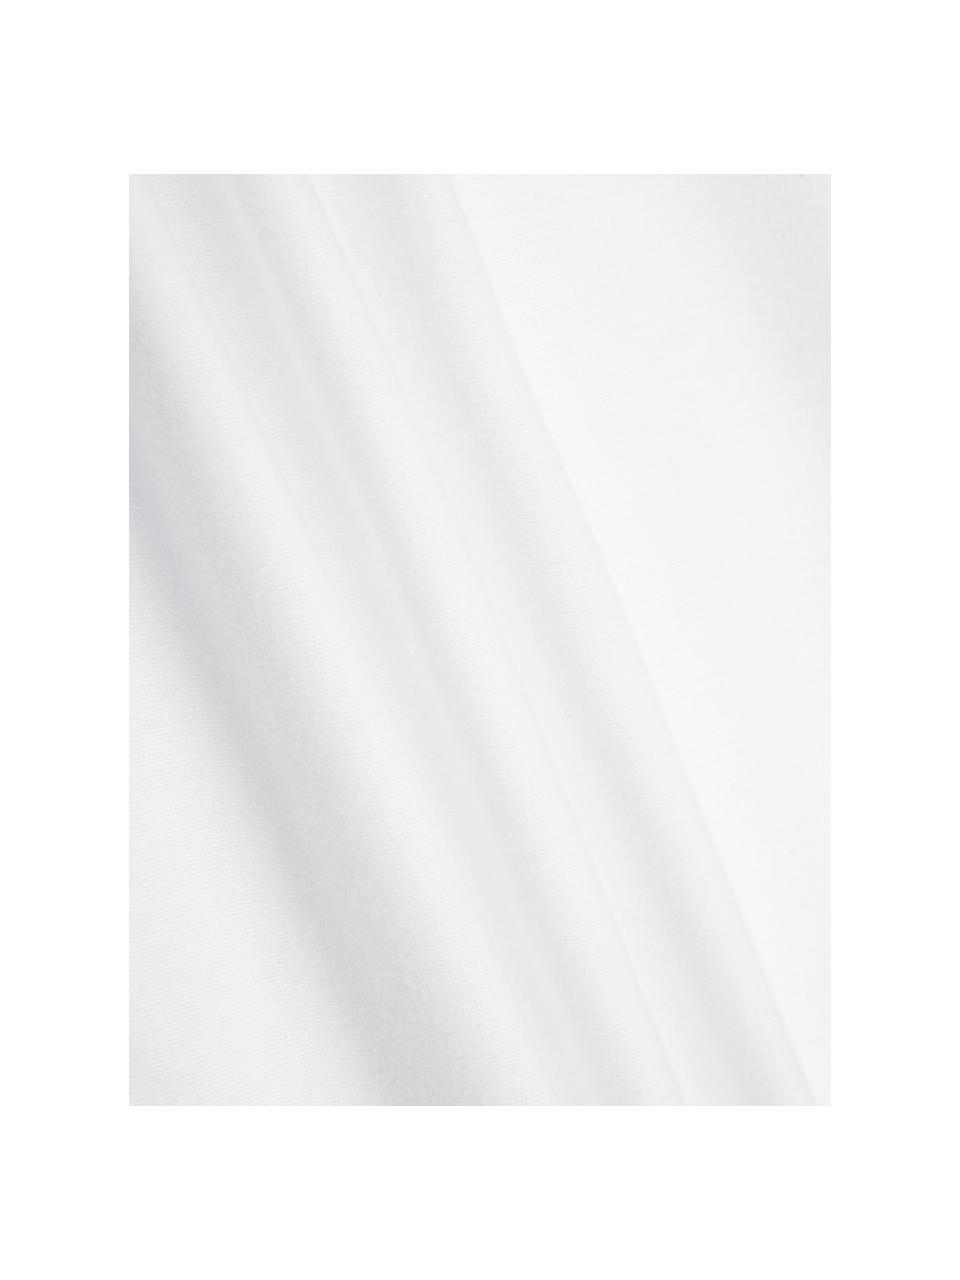 Flanell-Kissenbezüge Biba in Weiß, 2 Stück, Webart: Flanell Flanell ist ein k, Weiß, 40 x 80 cm